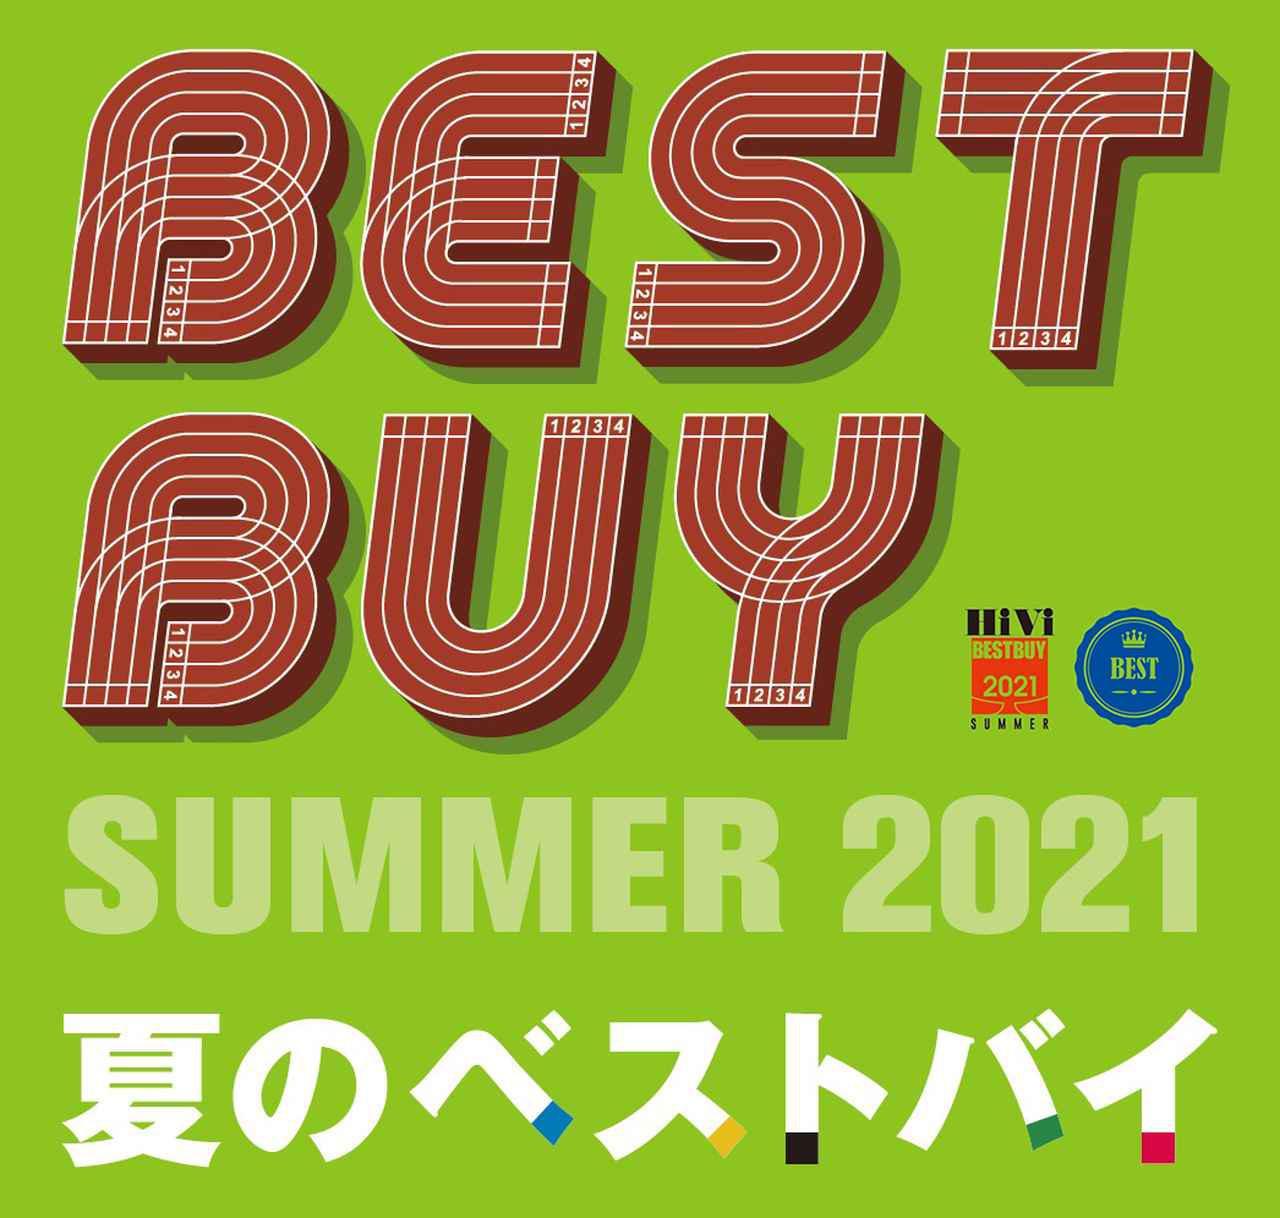 画像: 【HiVi夏のベストバイ2021】決定! 一番お得なAV機器&オーディオ製品はこれだ! - Stereo Sound ONLINE